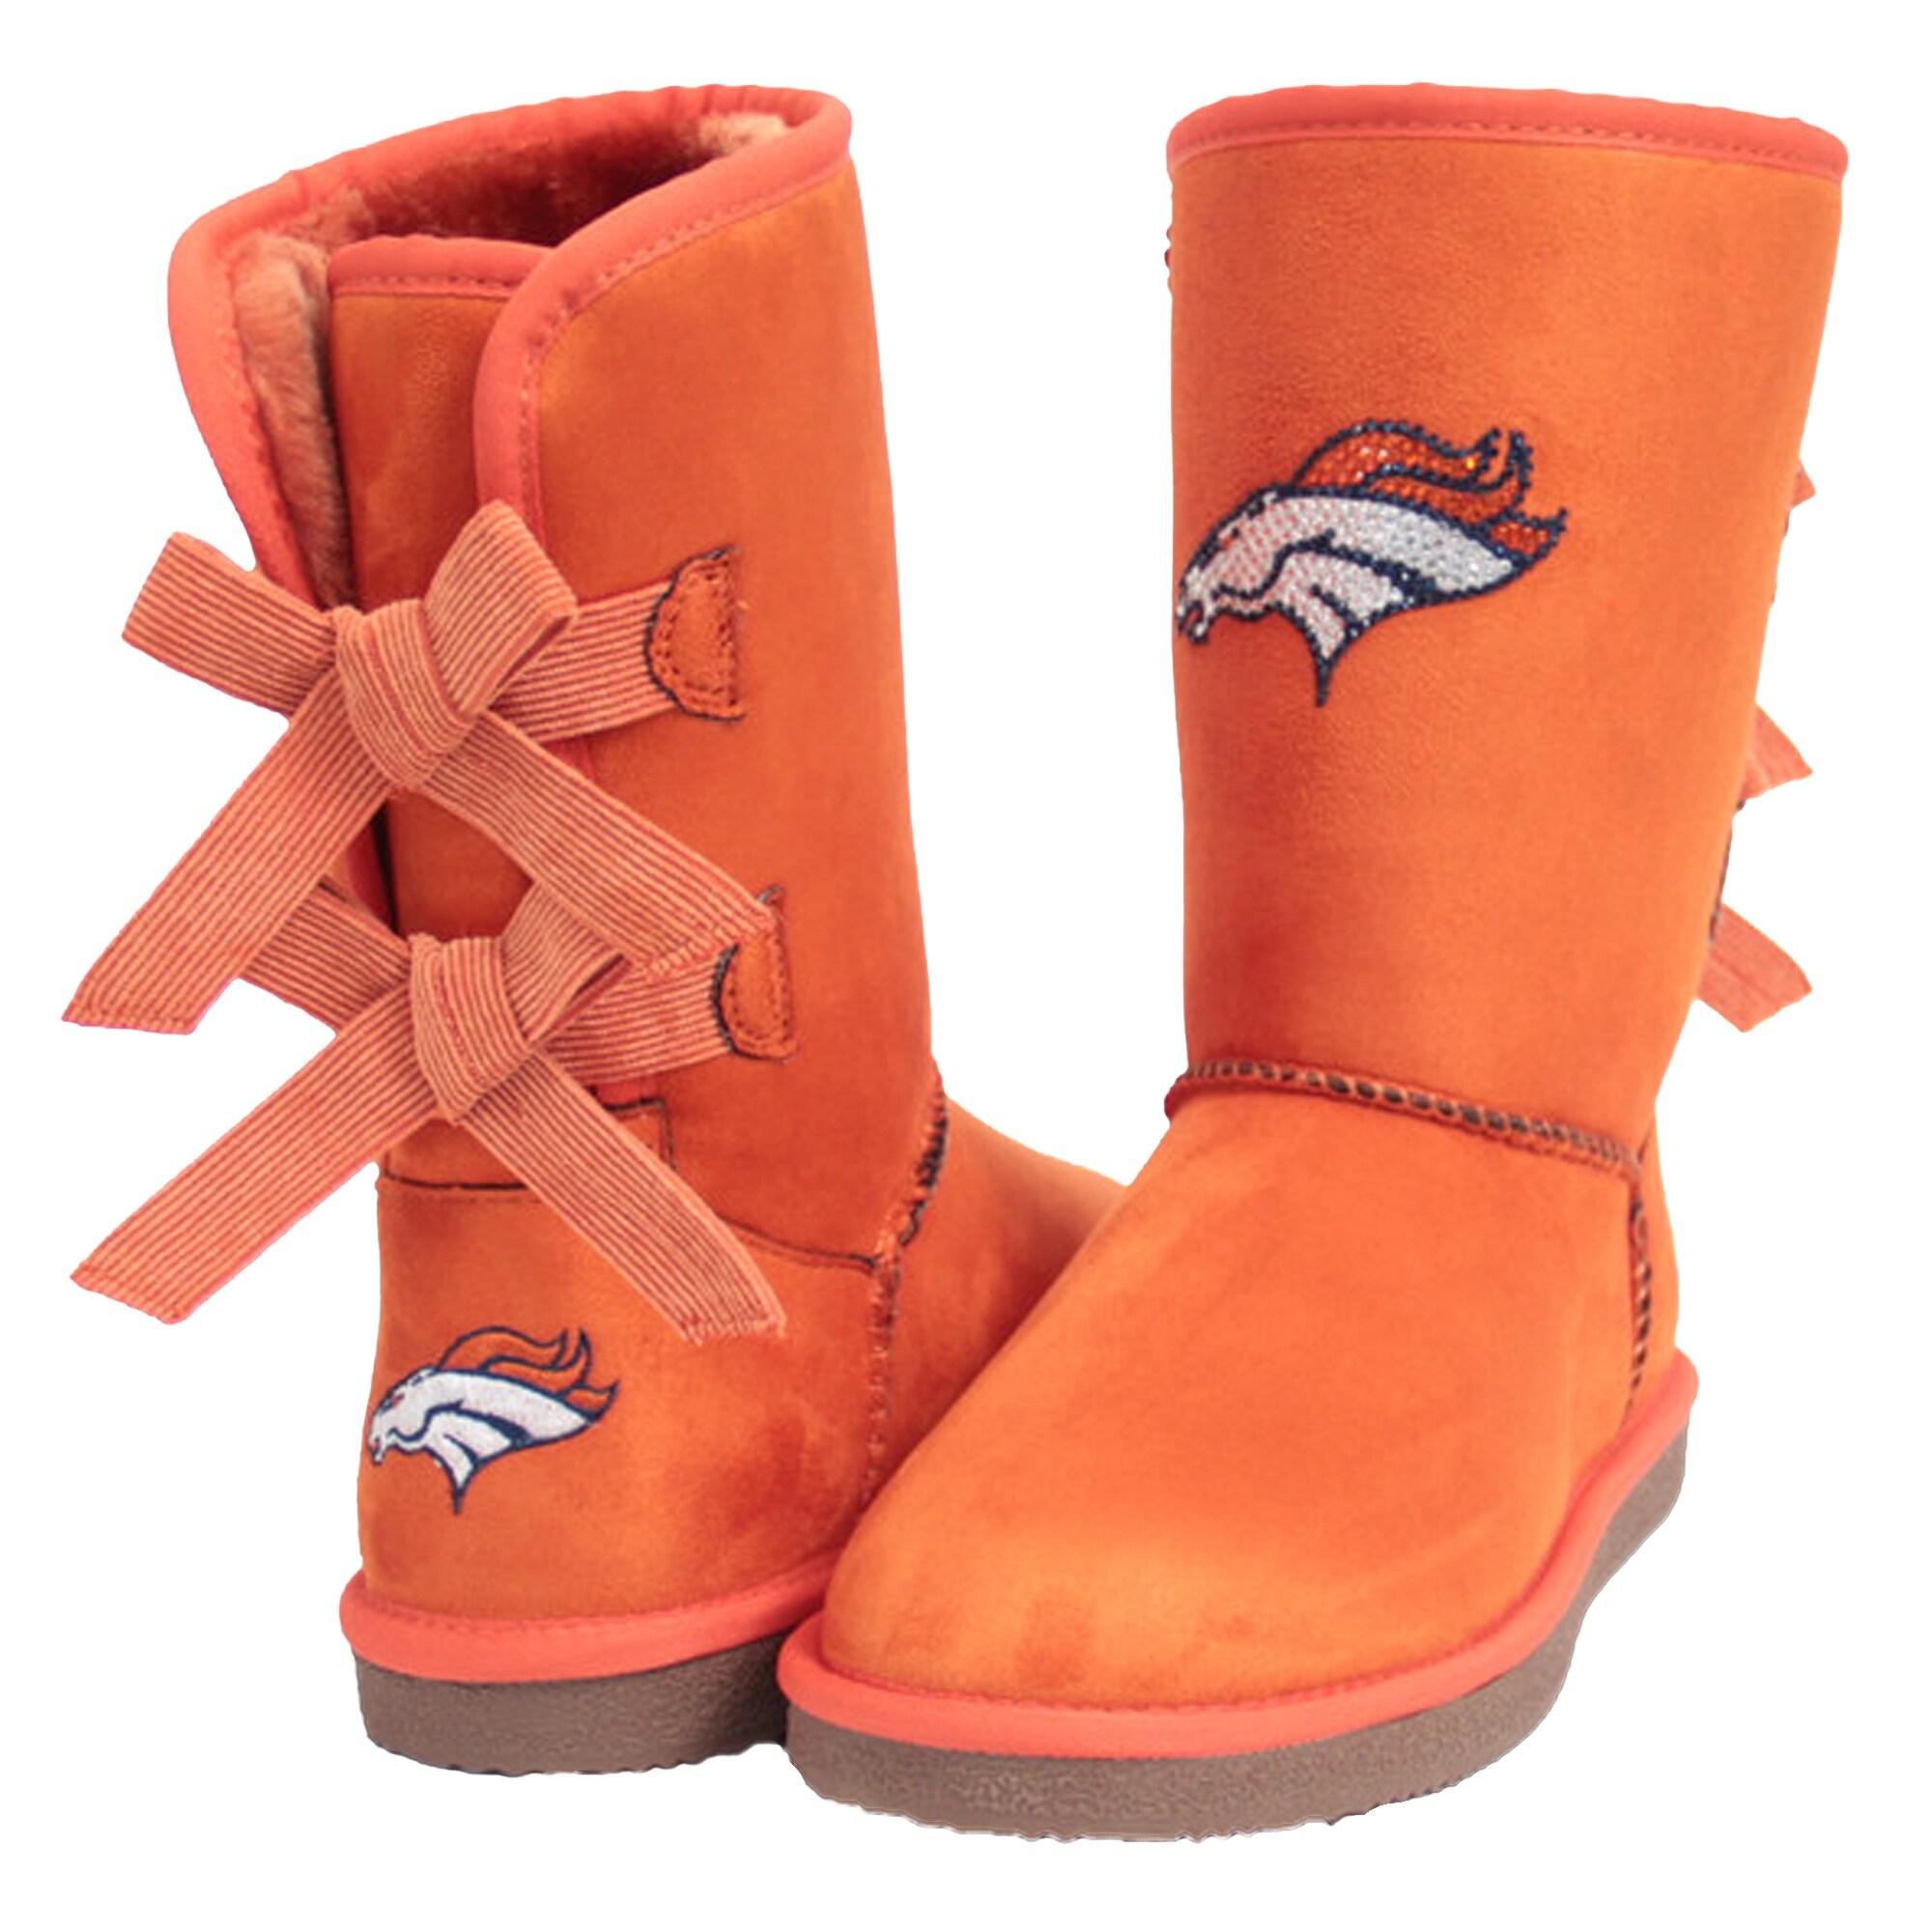 Denver Broncos Cuce Women's Patron Bow Boots - Orange